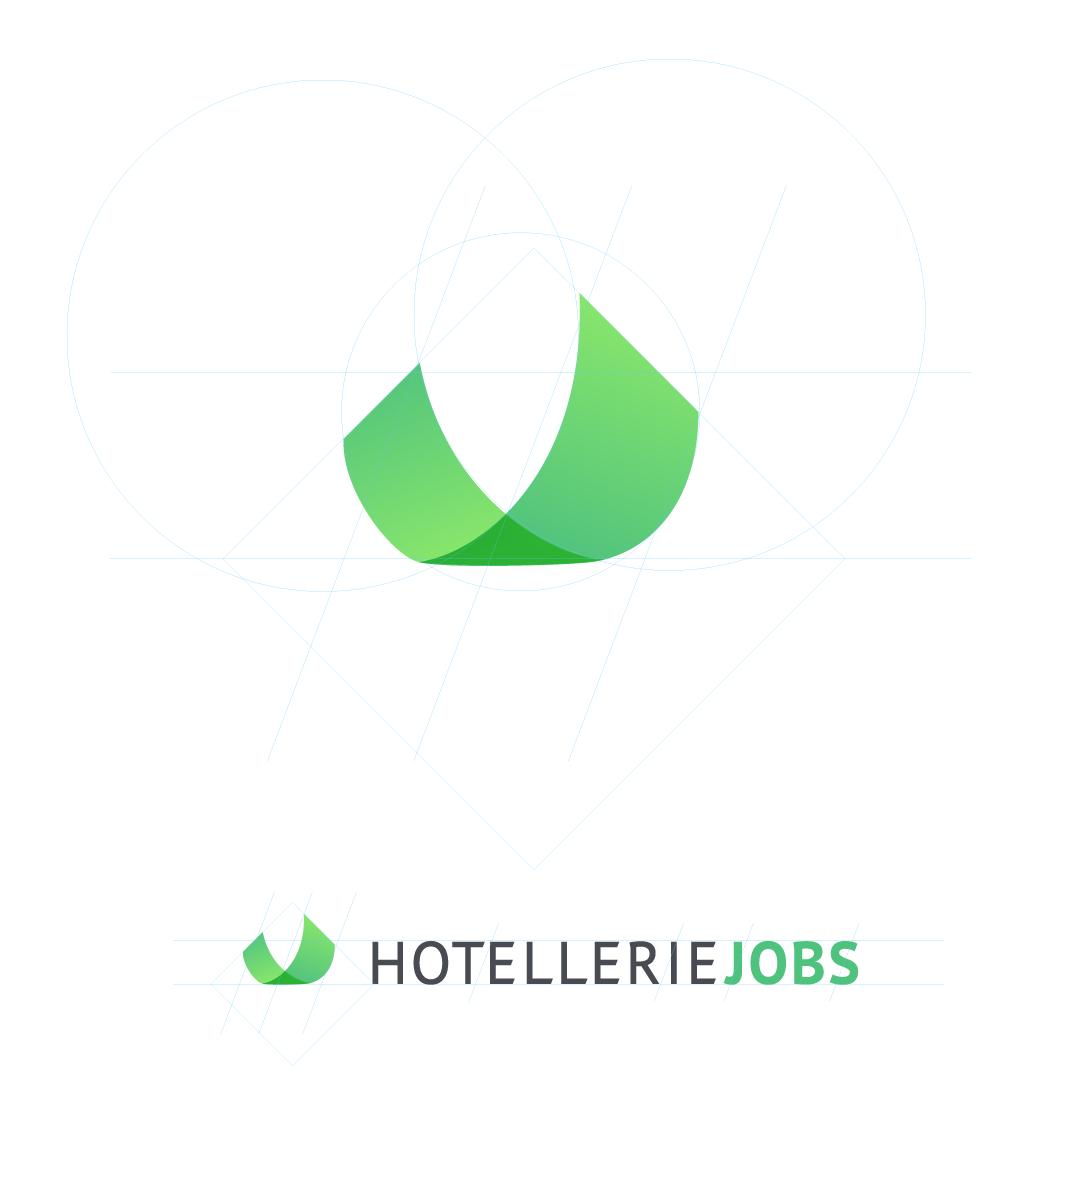 Hotelleriejobs logo work